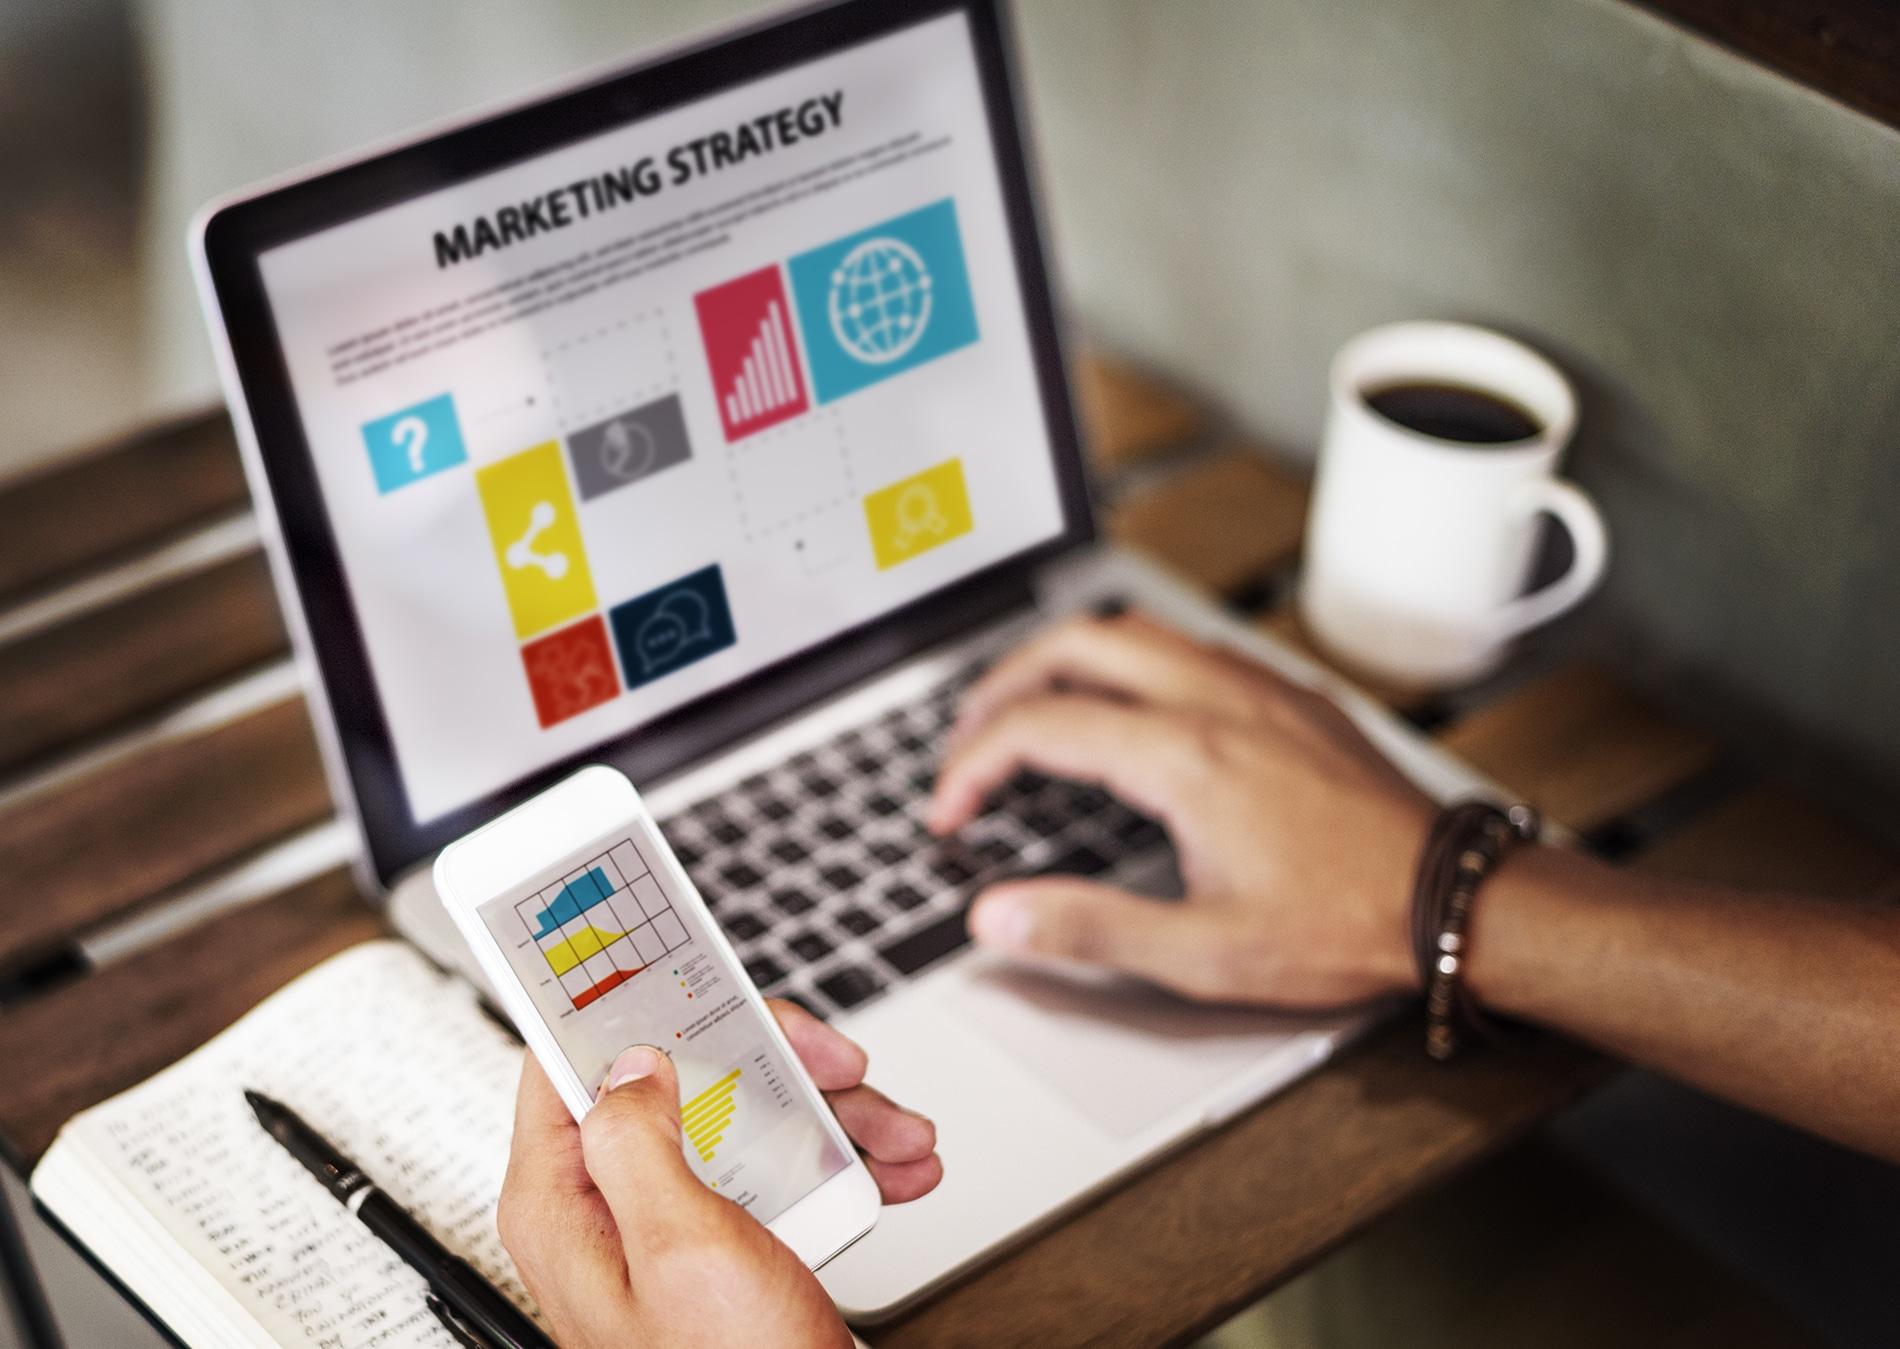 Σπουδές στο Marketing και Διαφήμιση